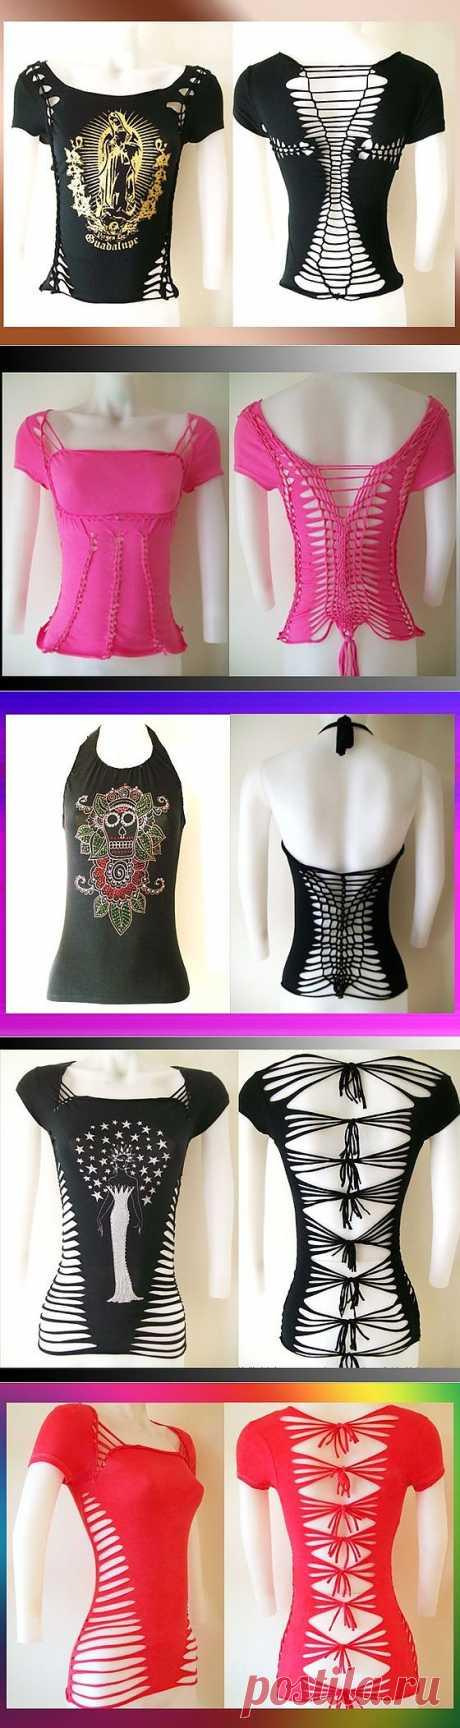 Прорезные футболки (трафик) / Прорези / Модный сайт о стильной переделке одежды и интерьера